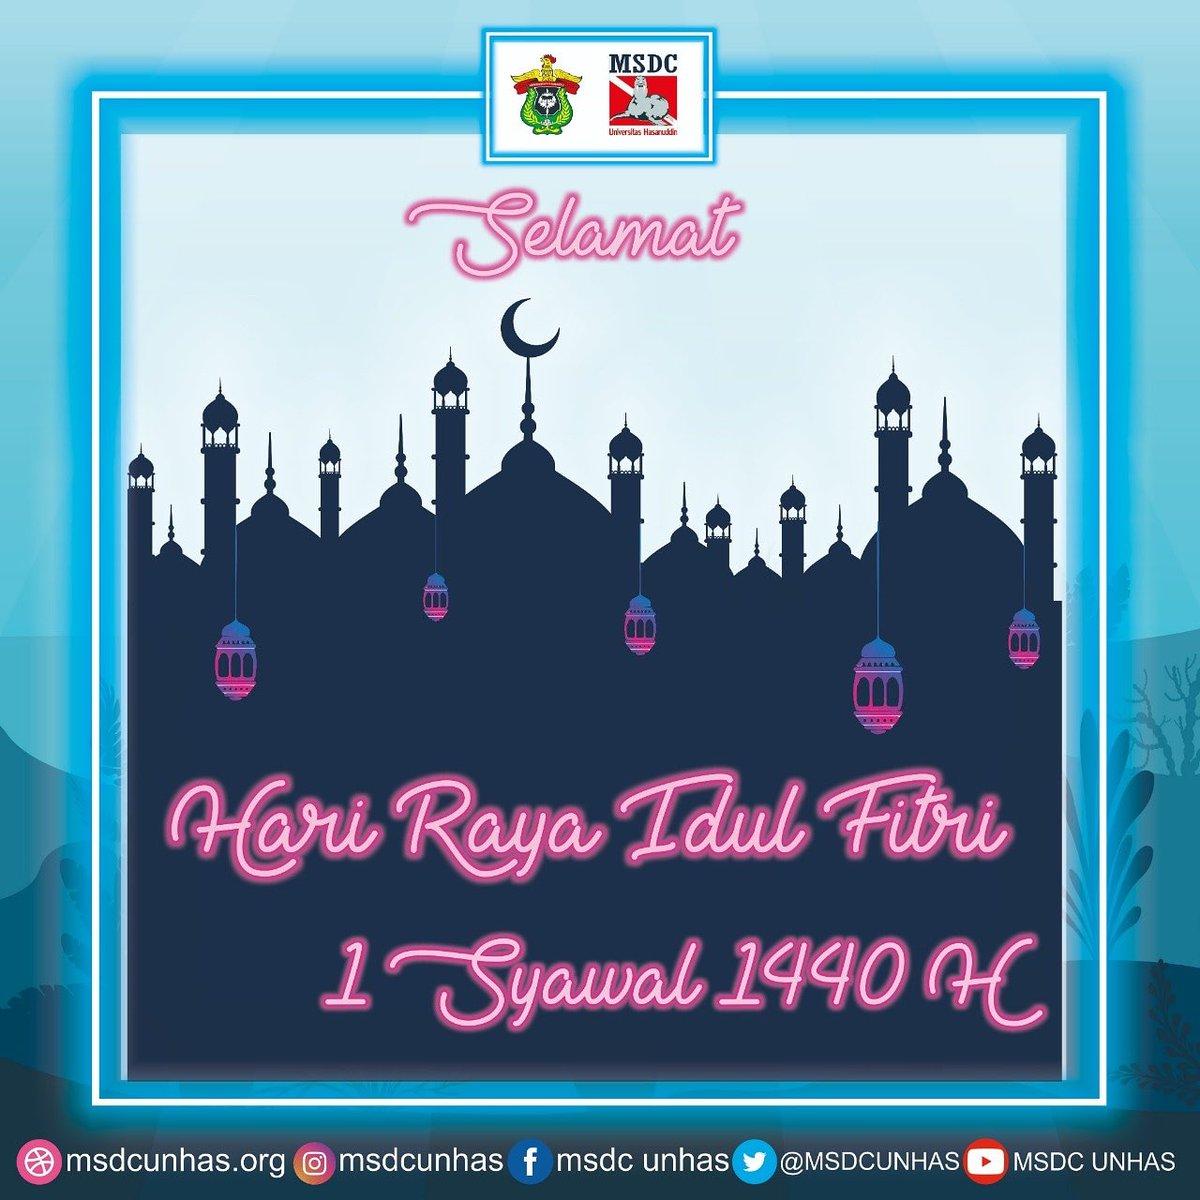 Keluarga Besar MSDC -UH Mengucapkan Selamat Hari Raya Idul Fitri 1440 H. Taqabalallahu minna wa minkum.  Barakallahu fiikum. Minal aidzin wal faizin. Mohon Maaf Lahir dan Batin🙏 ___________________________ #msdcunhas  #waspadadiraanuraga #eidmubarak #1440hijriah